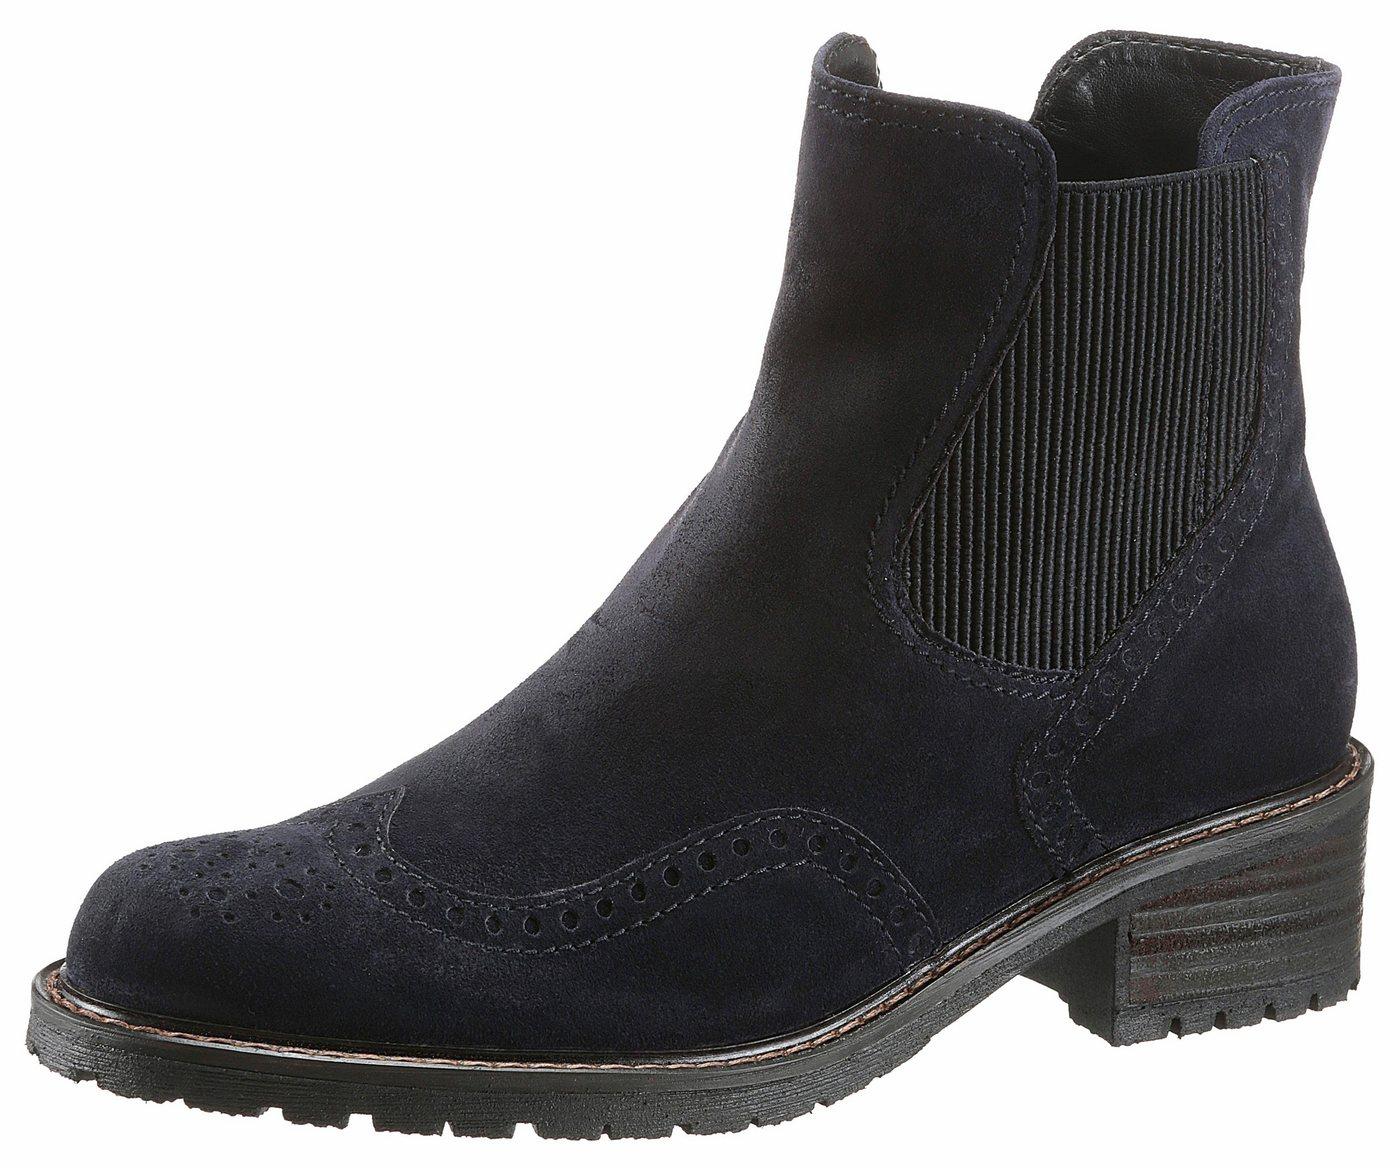 Gabor Chelseaboots Mit typischer Lyralochung | Schuhe > Boots > Chelsea-Boots | Blau | Gabor